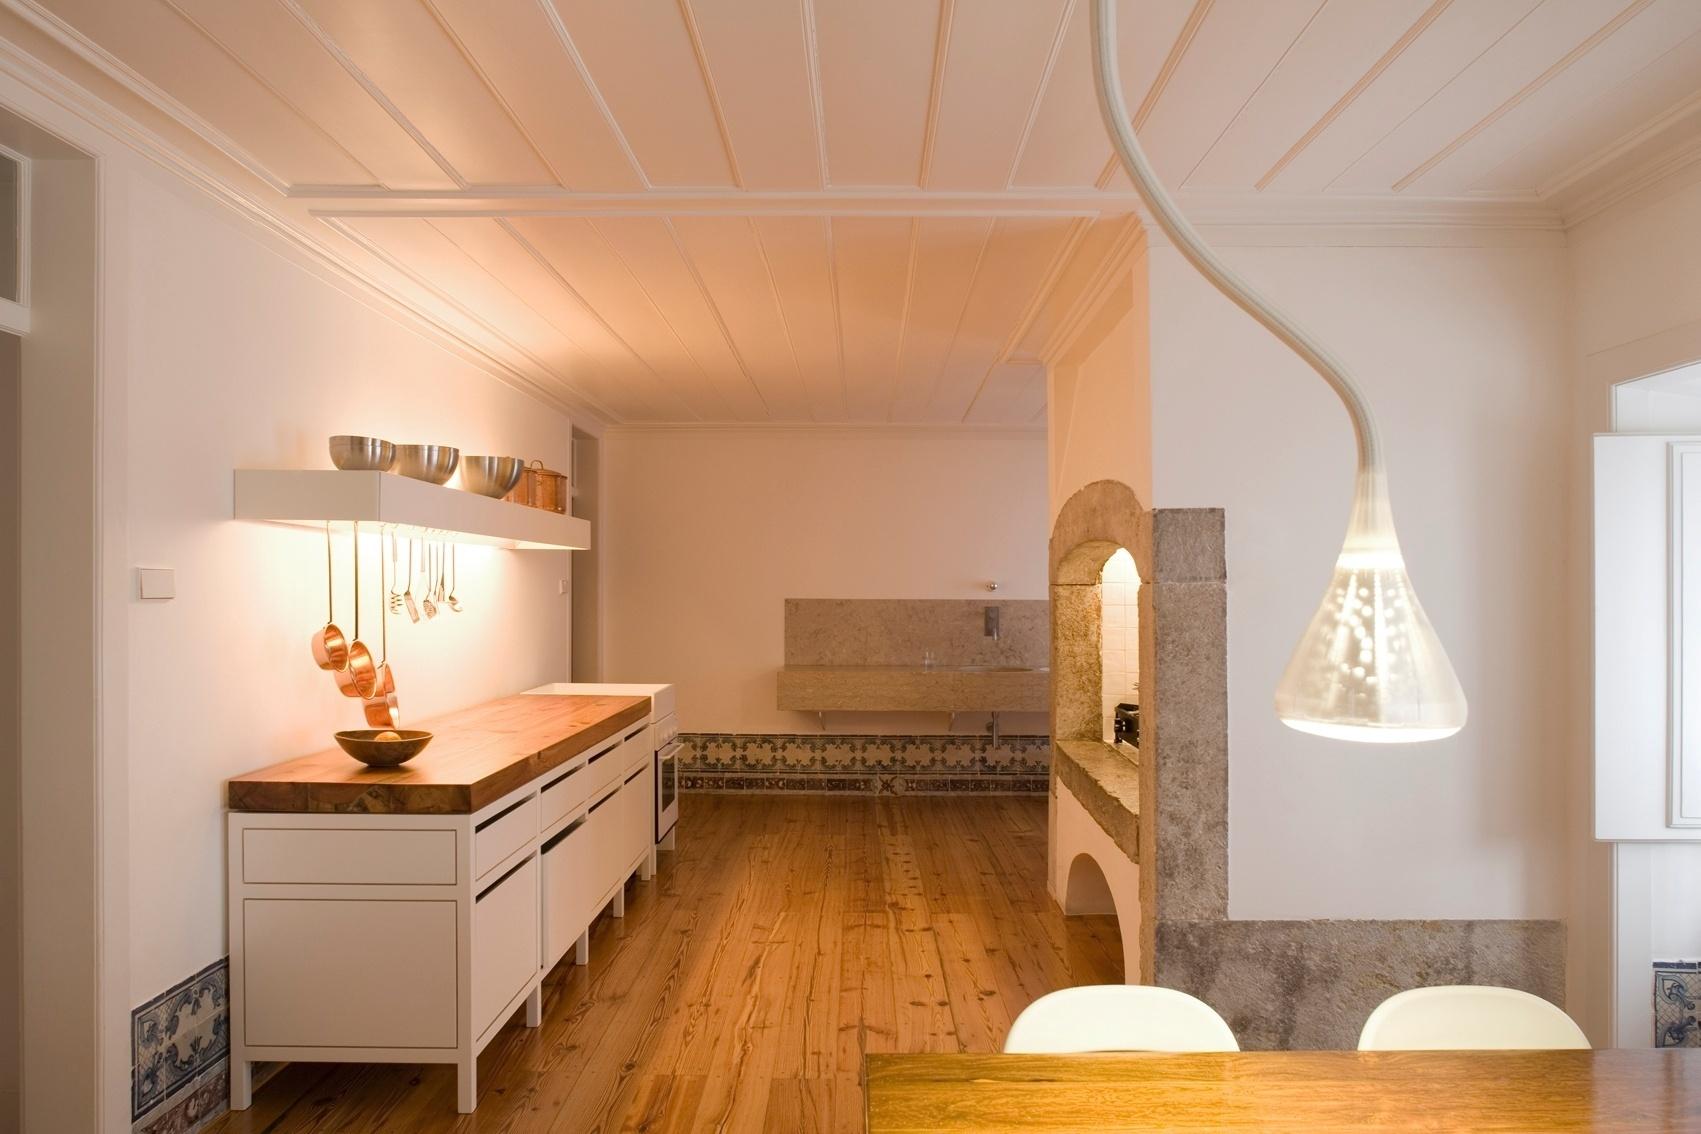 para construir ou reformar a cozinha de casa BOL Fotos BOL Fotos #C67B05 1701 1134